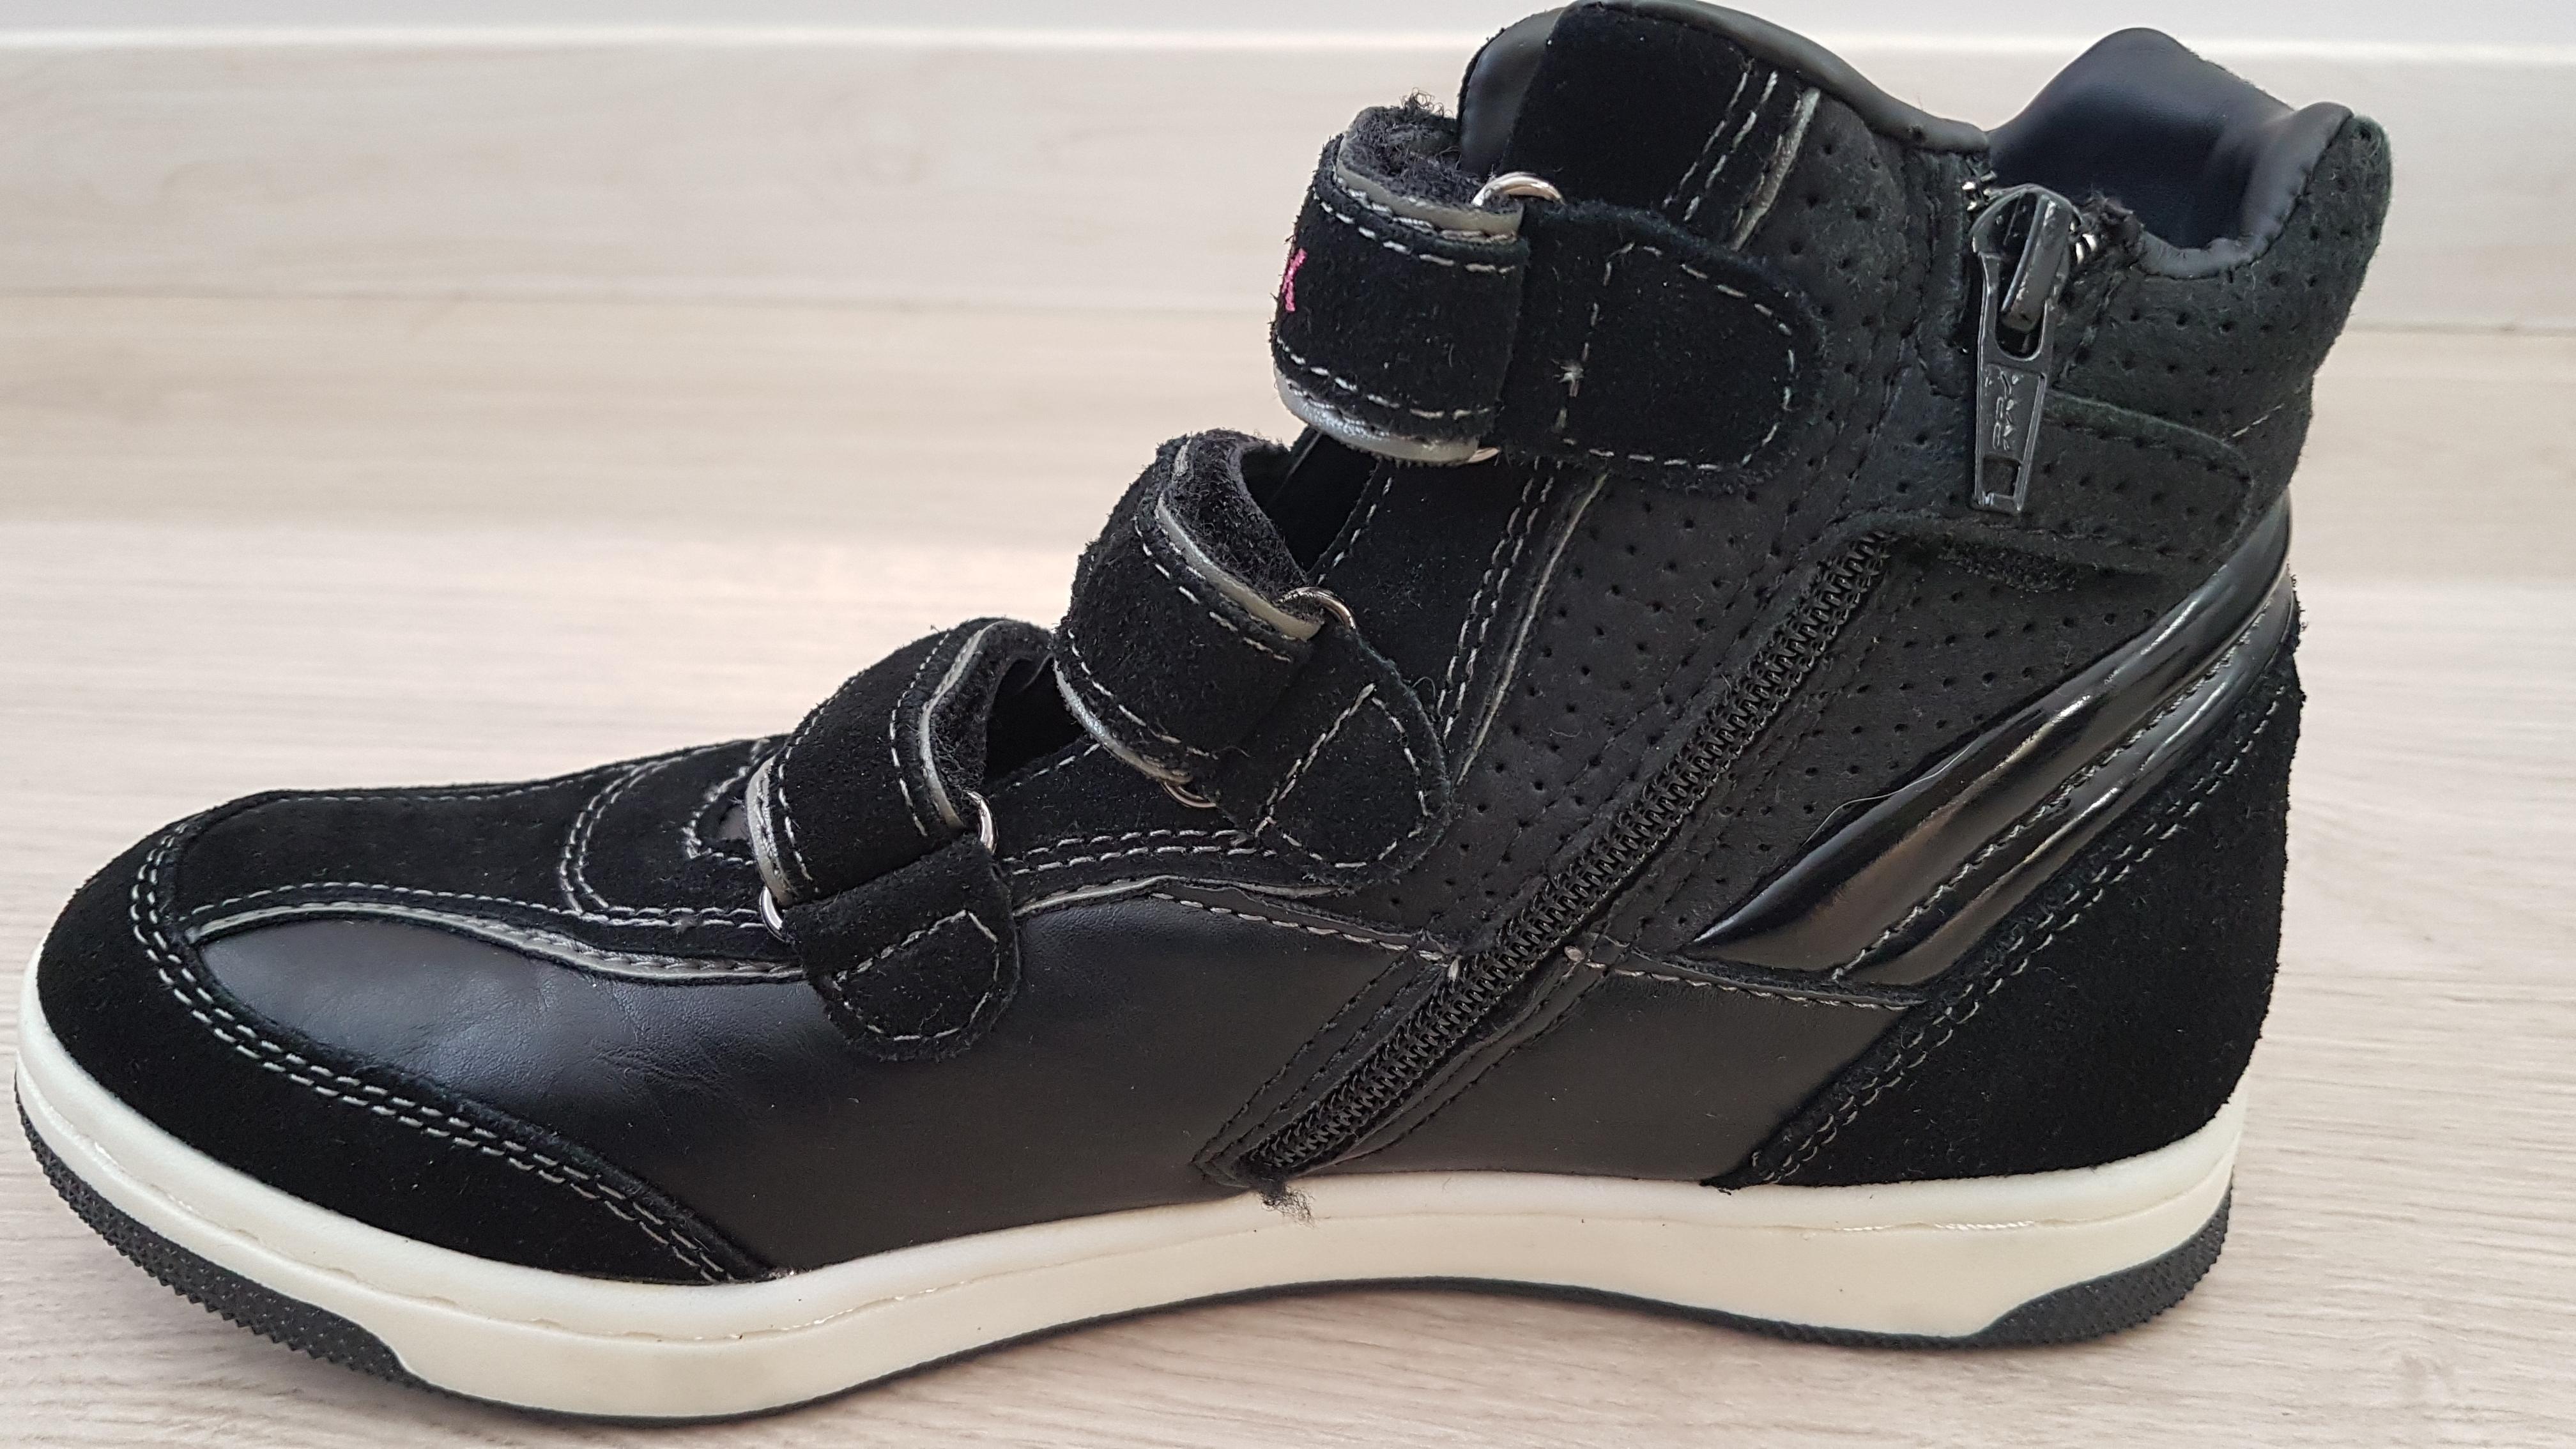 57d71e218 Купить кроссовки Geox за 4000 руб. в интернет магазине - бутике с ...